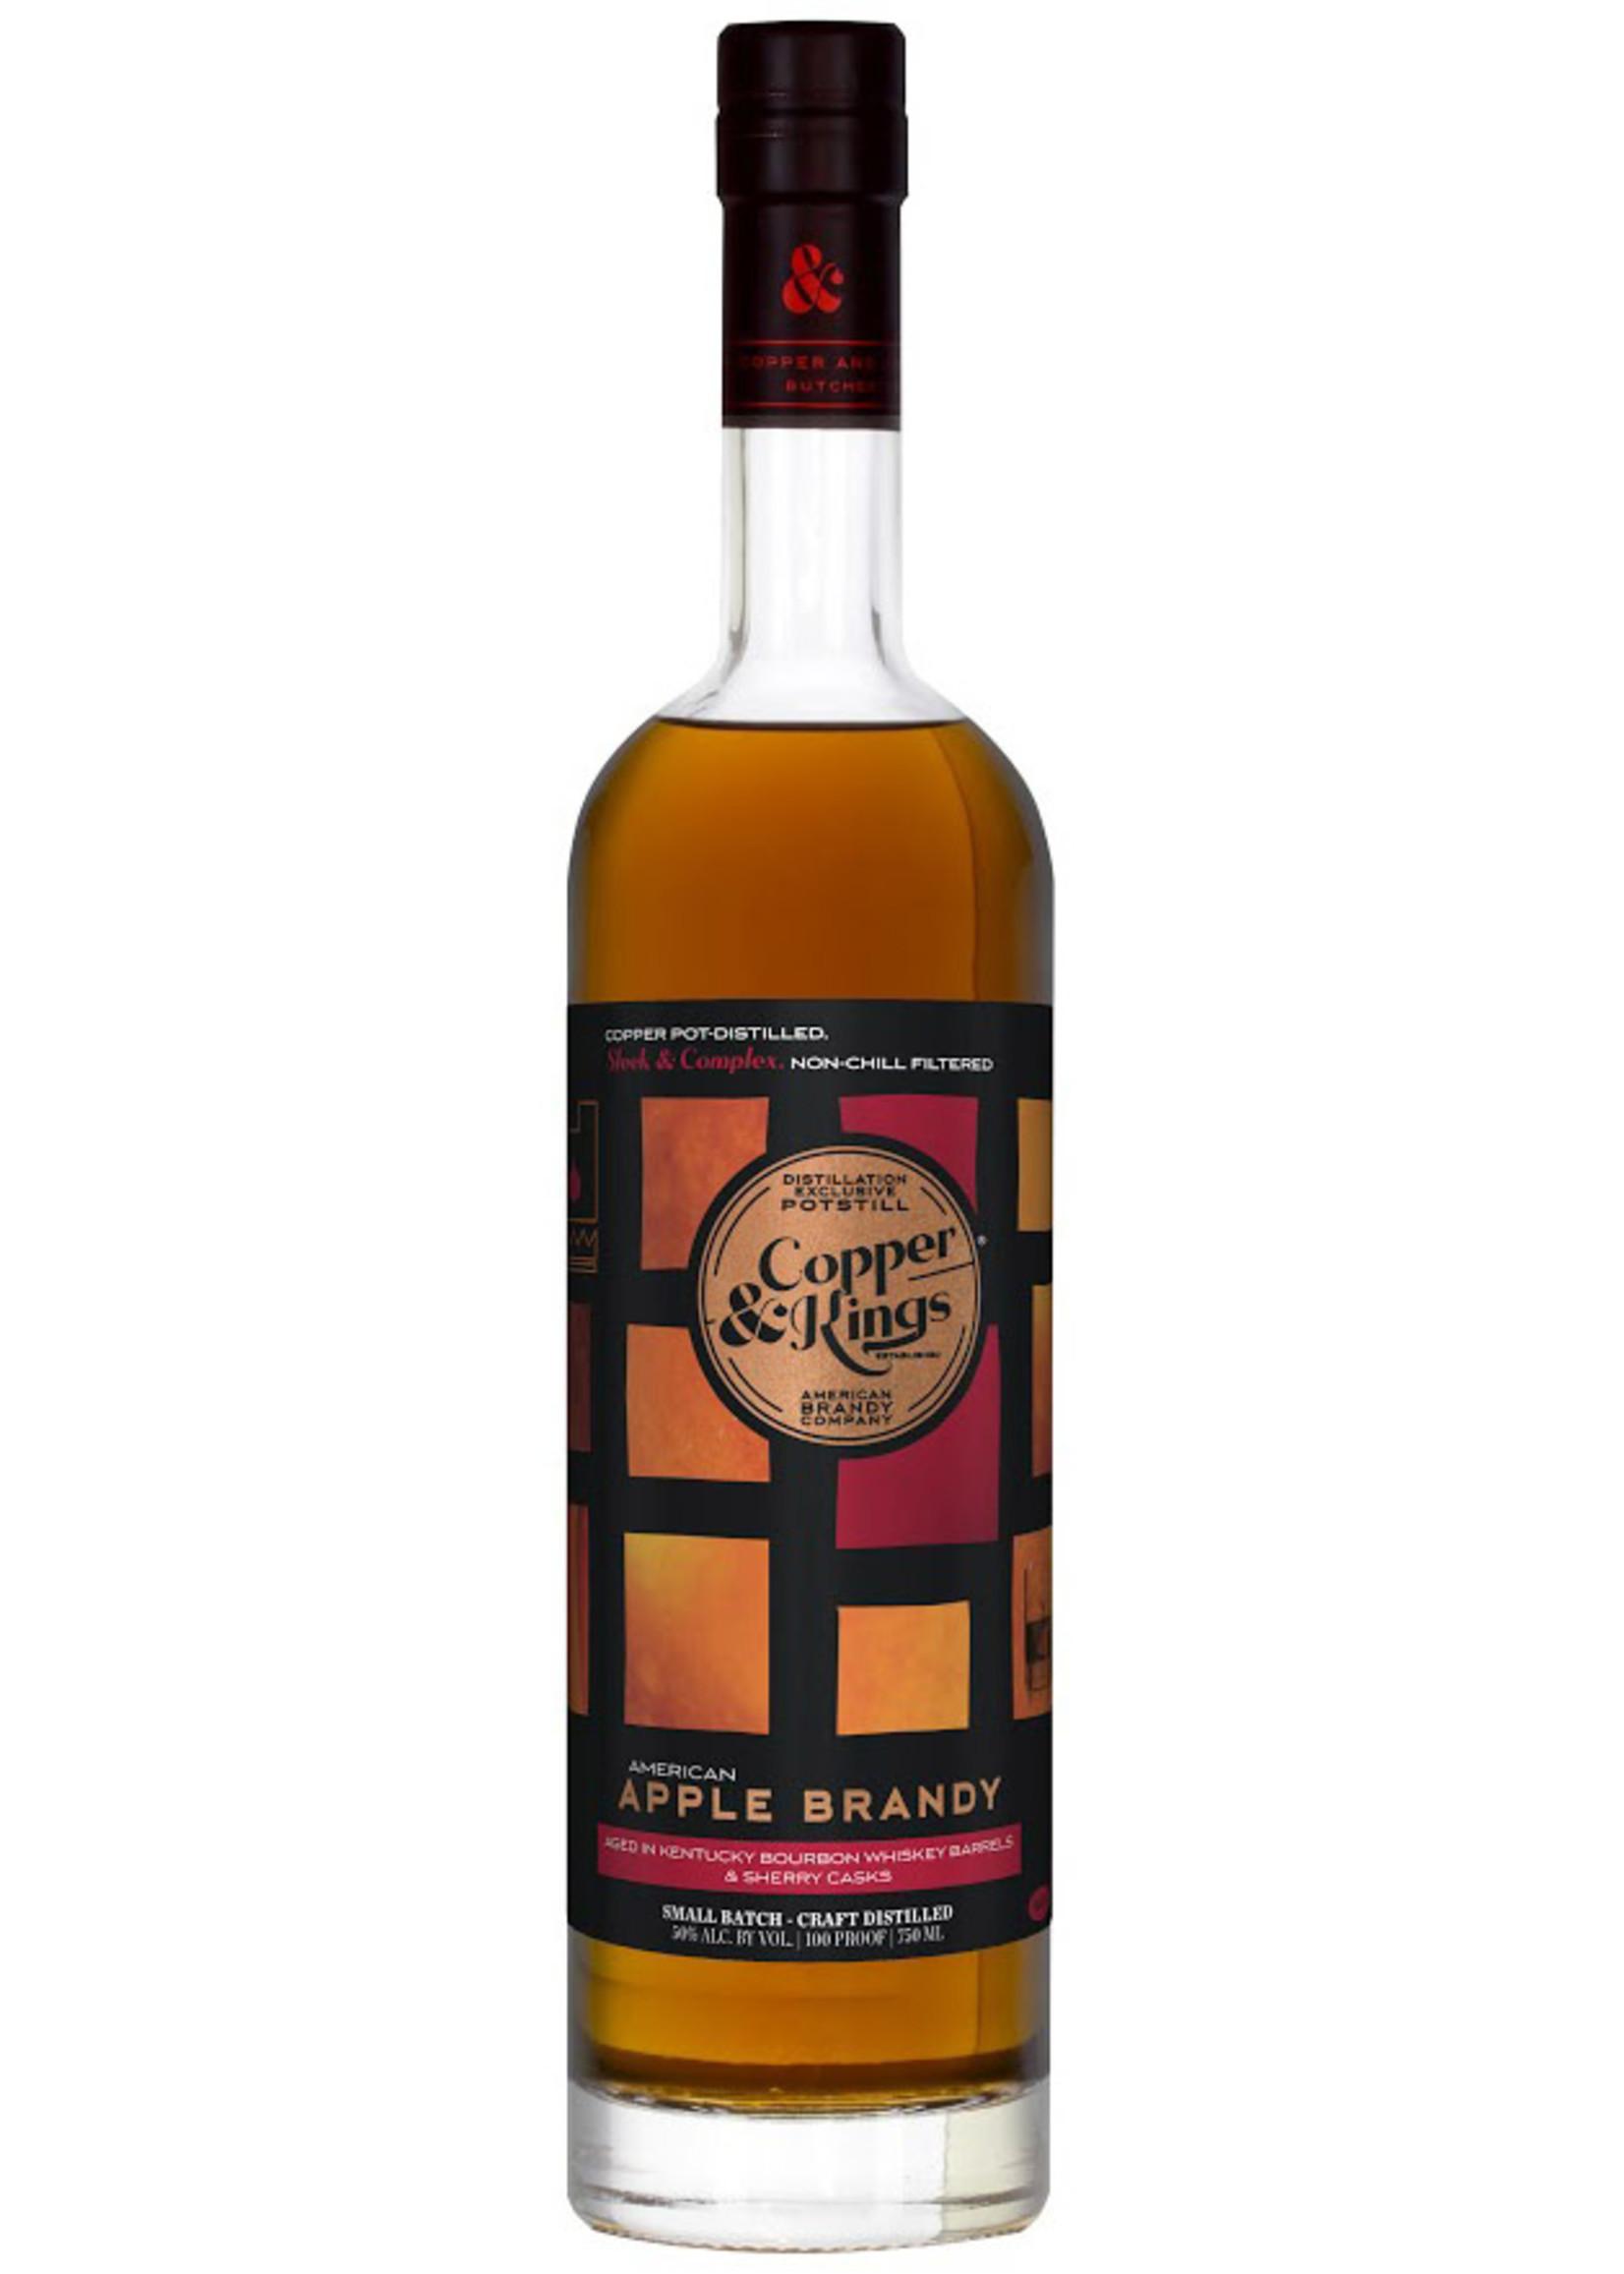 Copper & Kings Apple Brandy